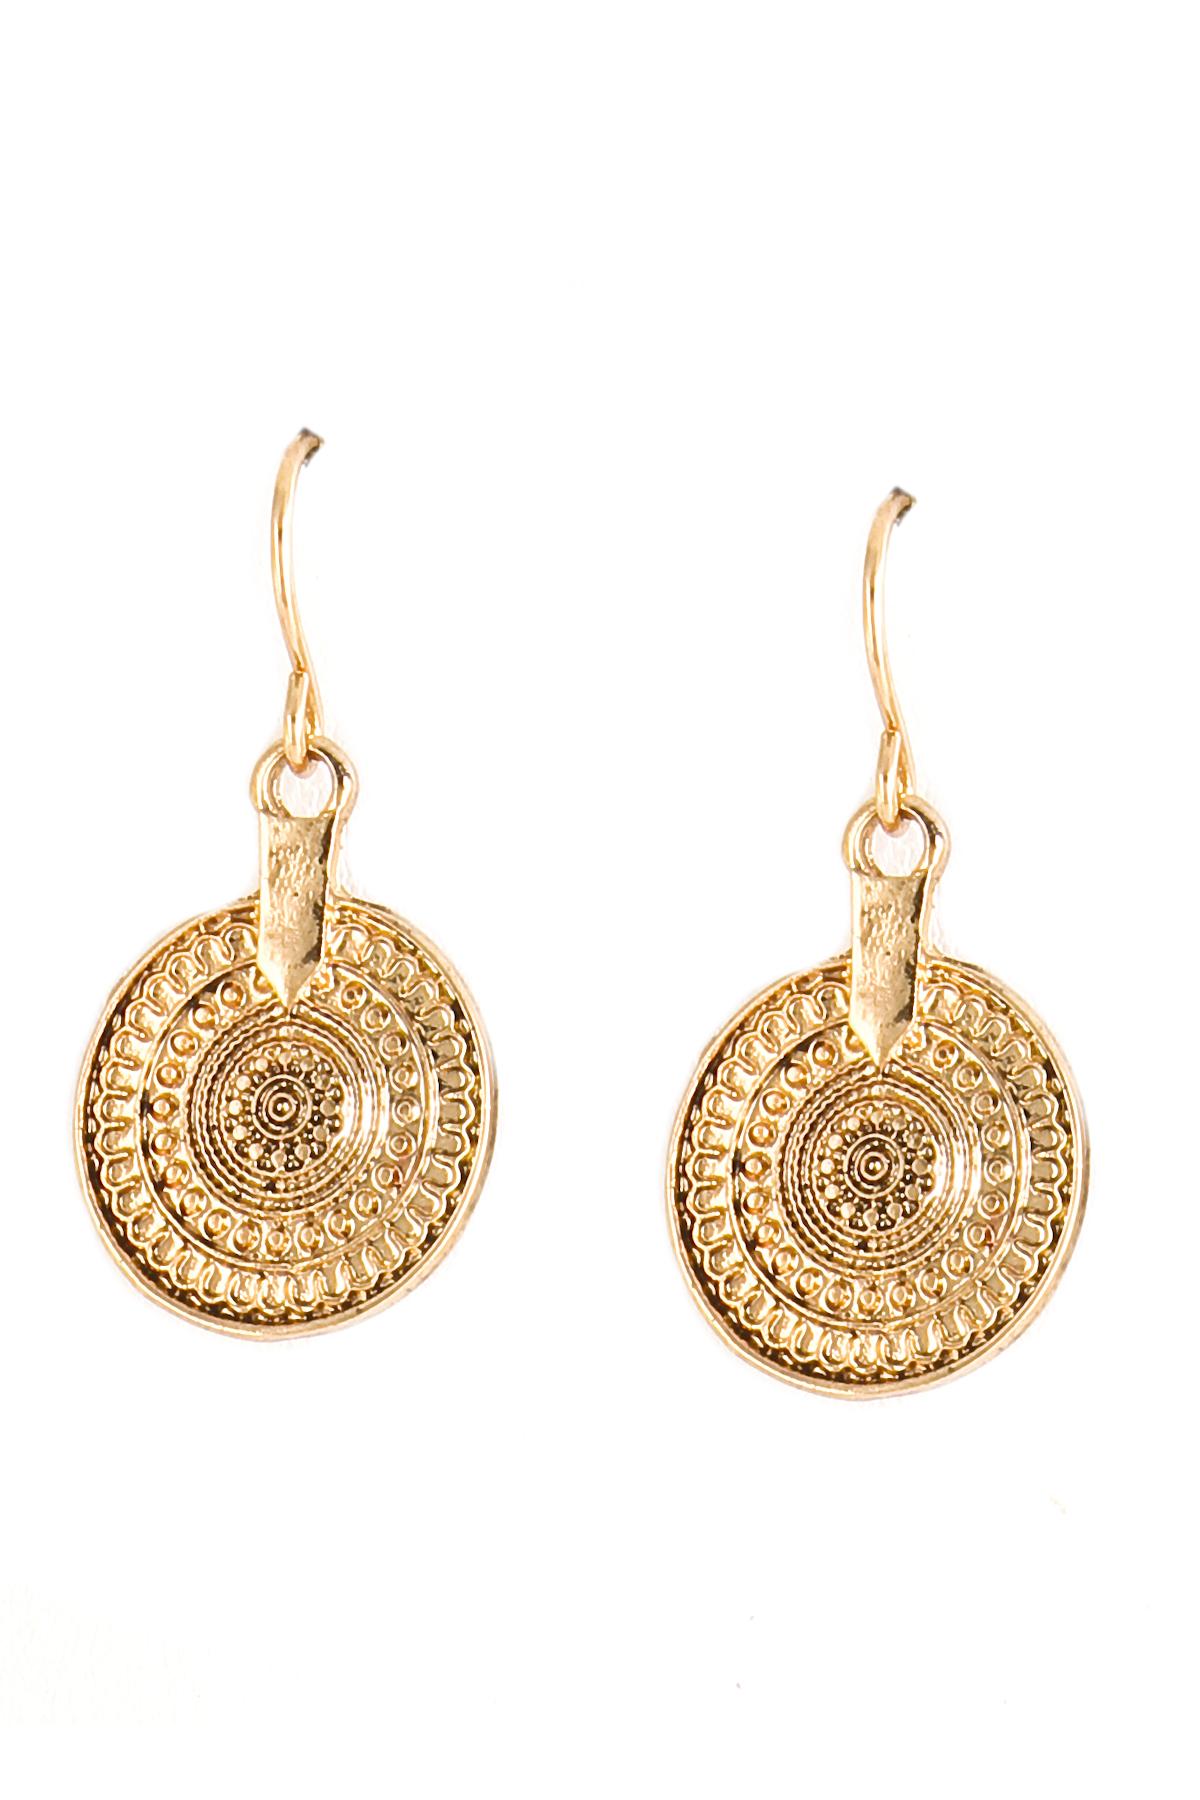 glass wood bead disc pendant necklace set necklaces